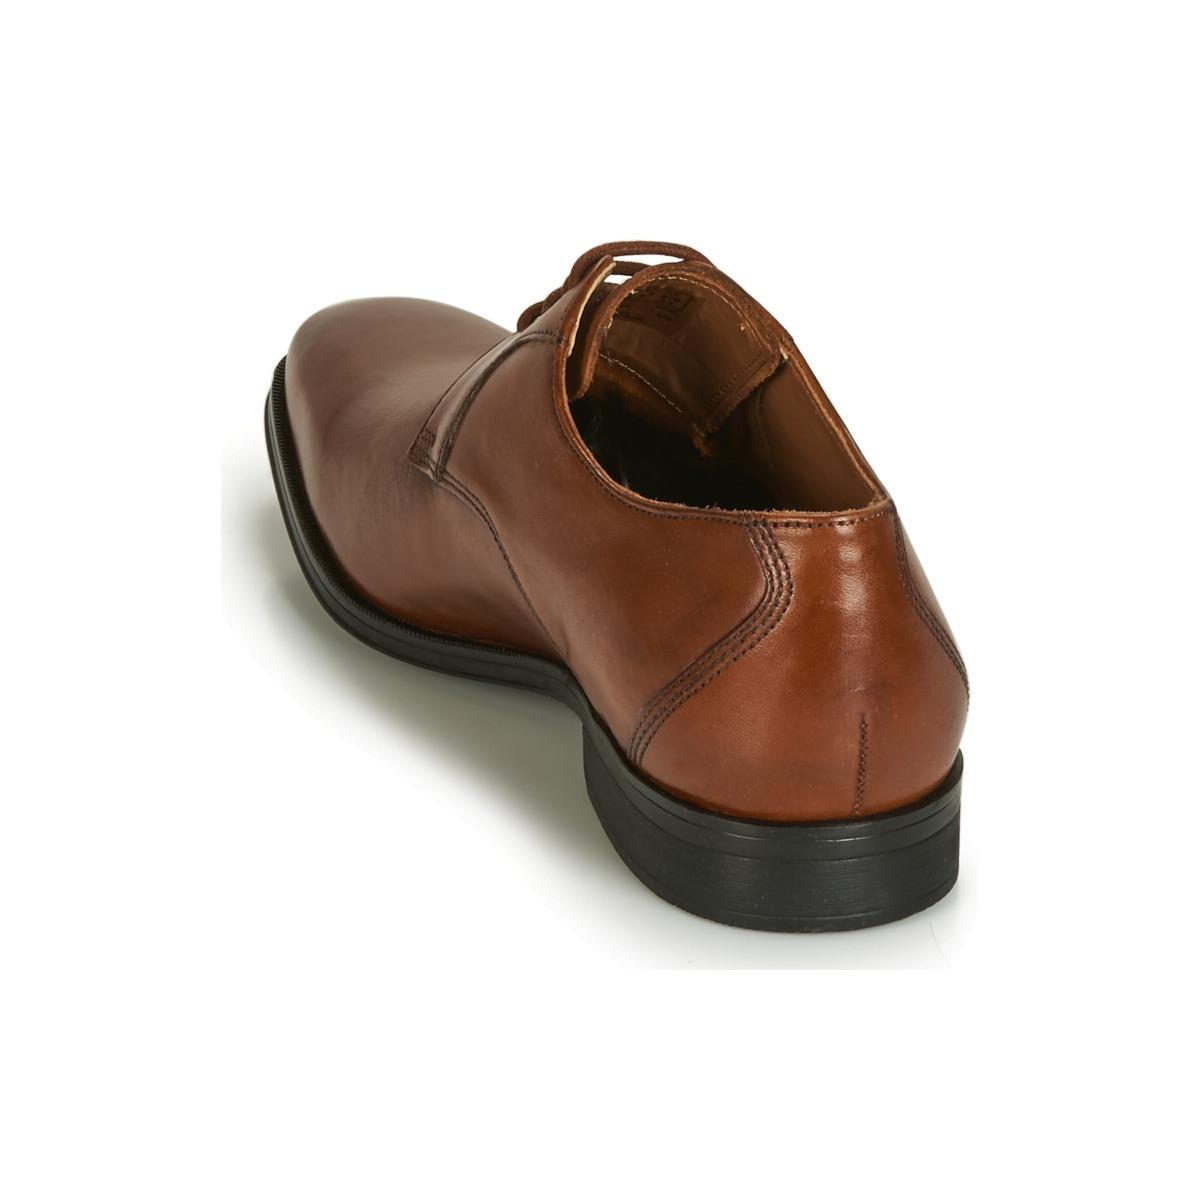 Clarks Nette Schoenen Gilman Lace in het Bruin voor heren